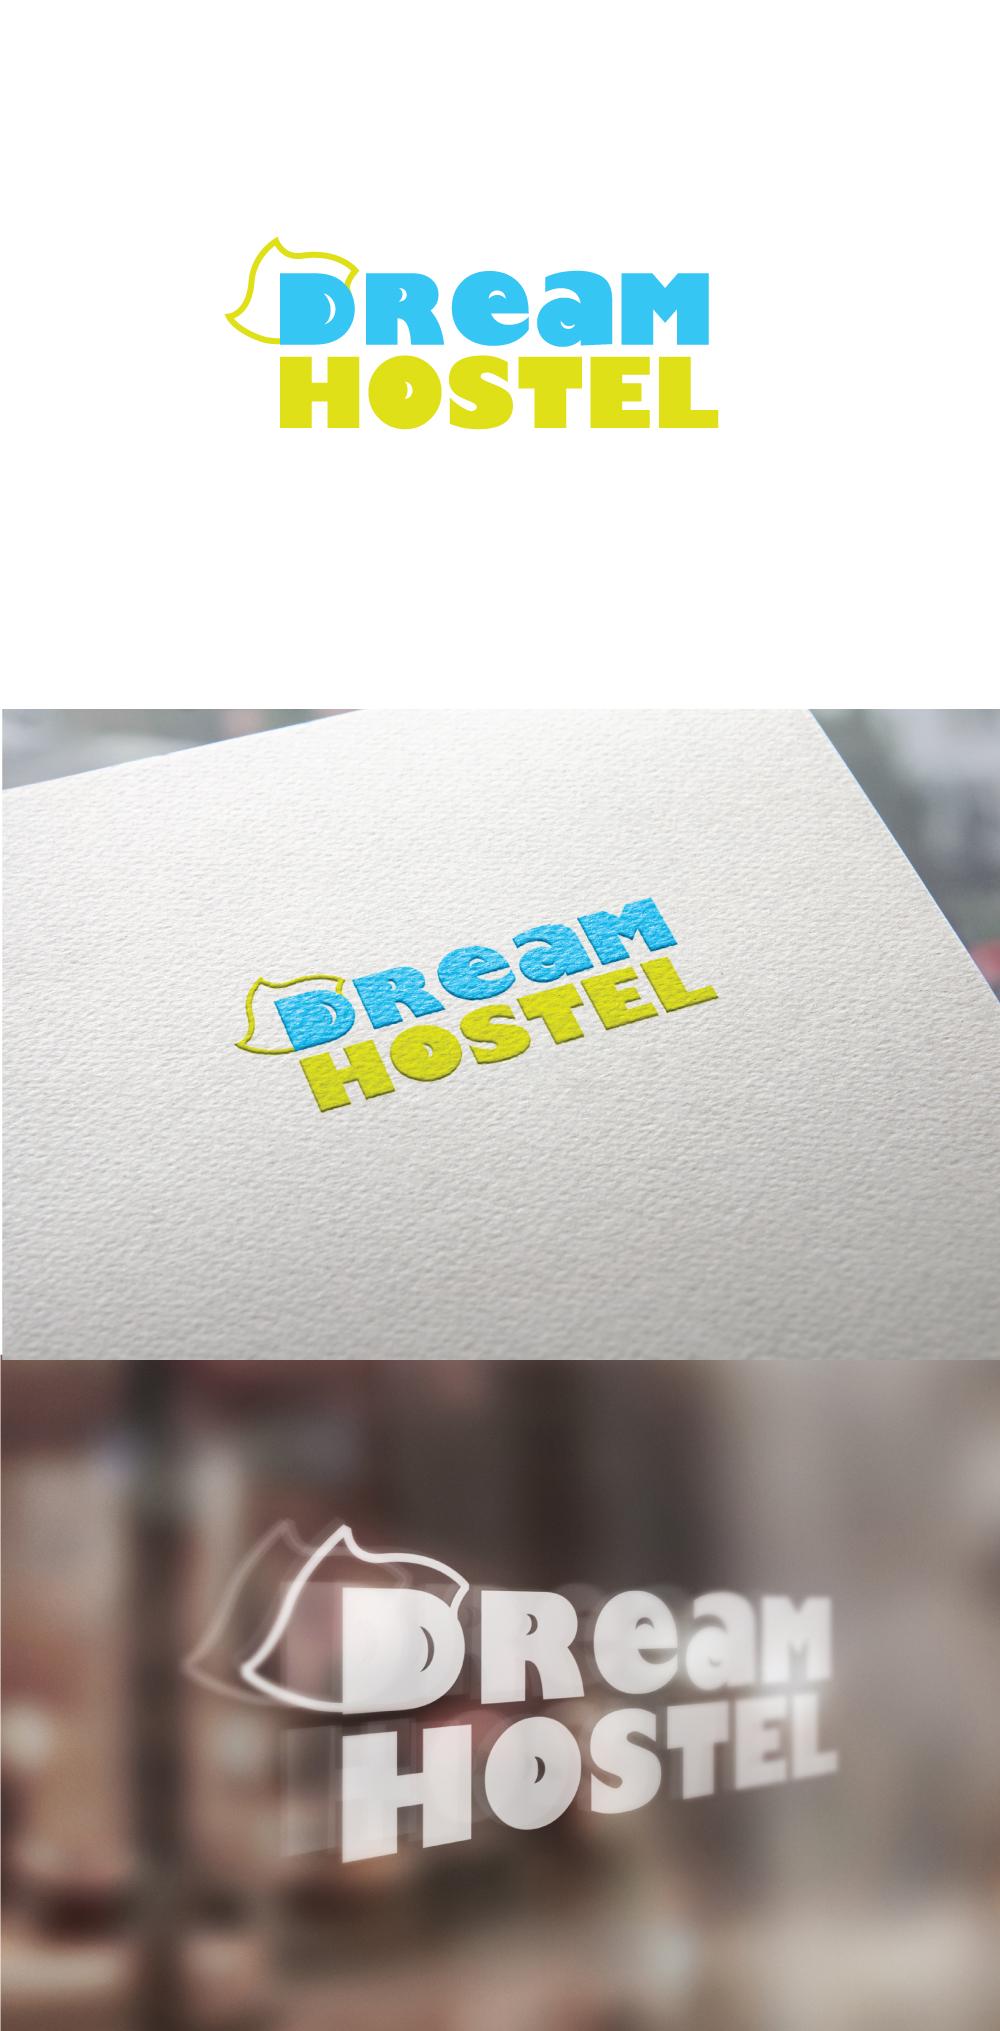 Нужна разработка логотипа, фирменного знака и фирменного сти фото f_484546737002972f.jpg